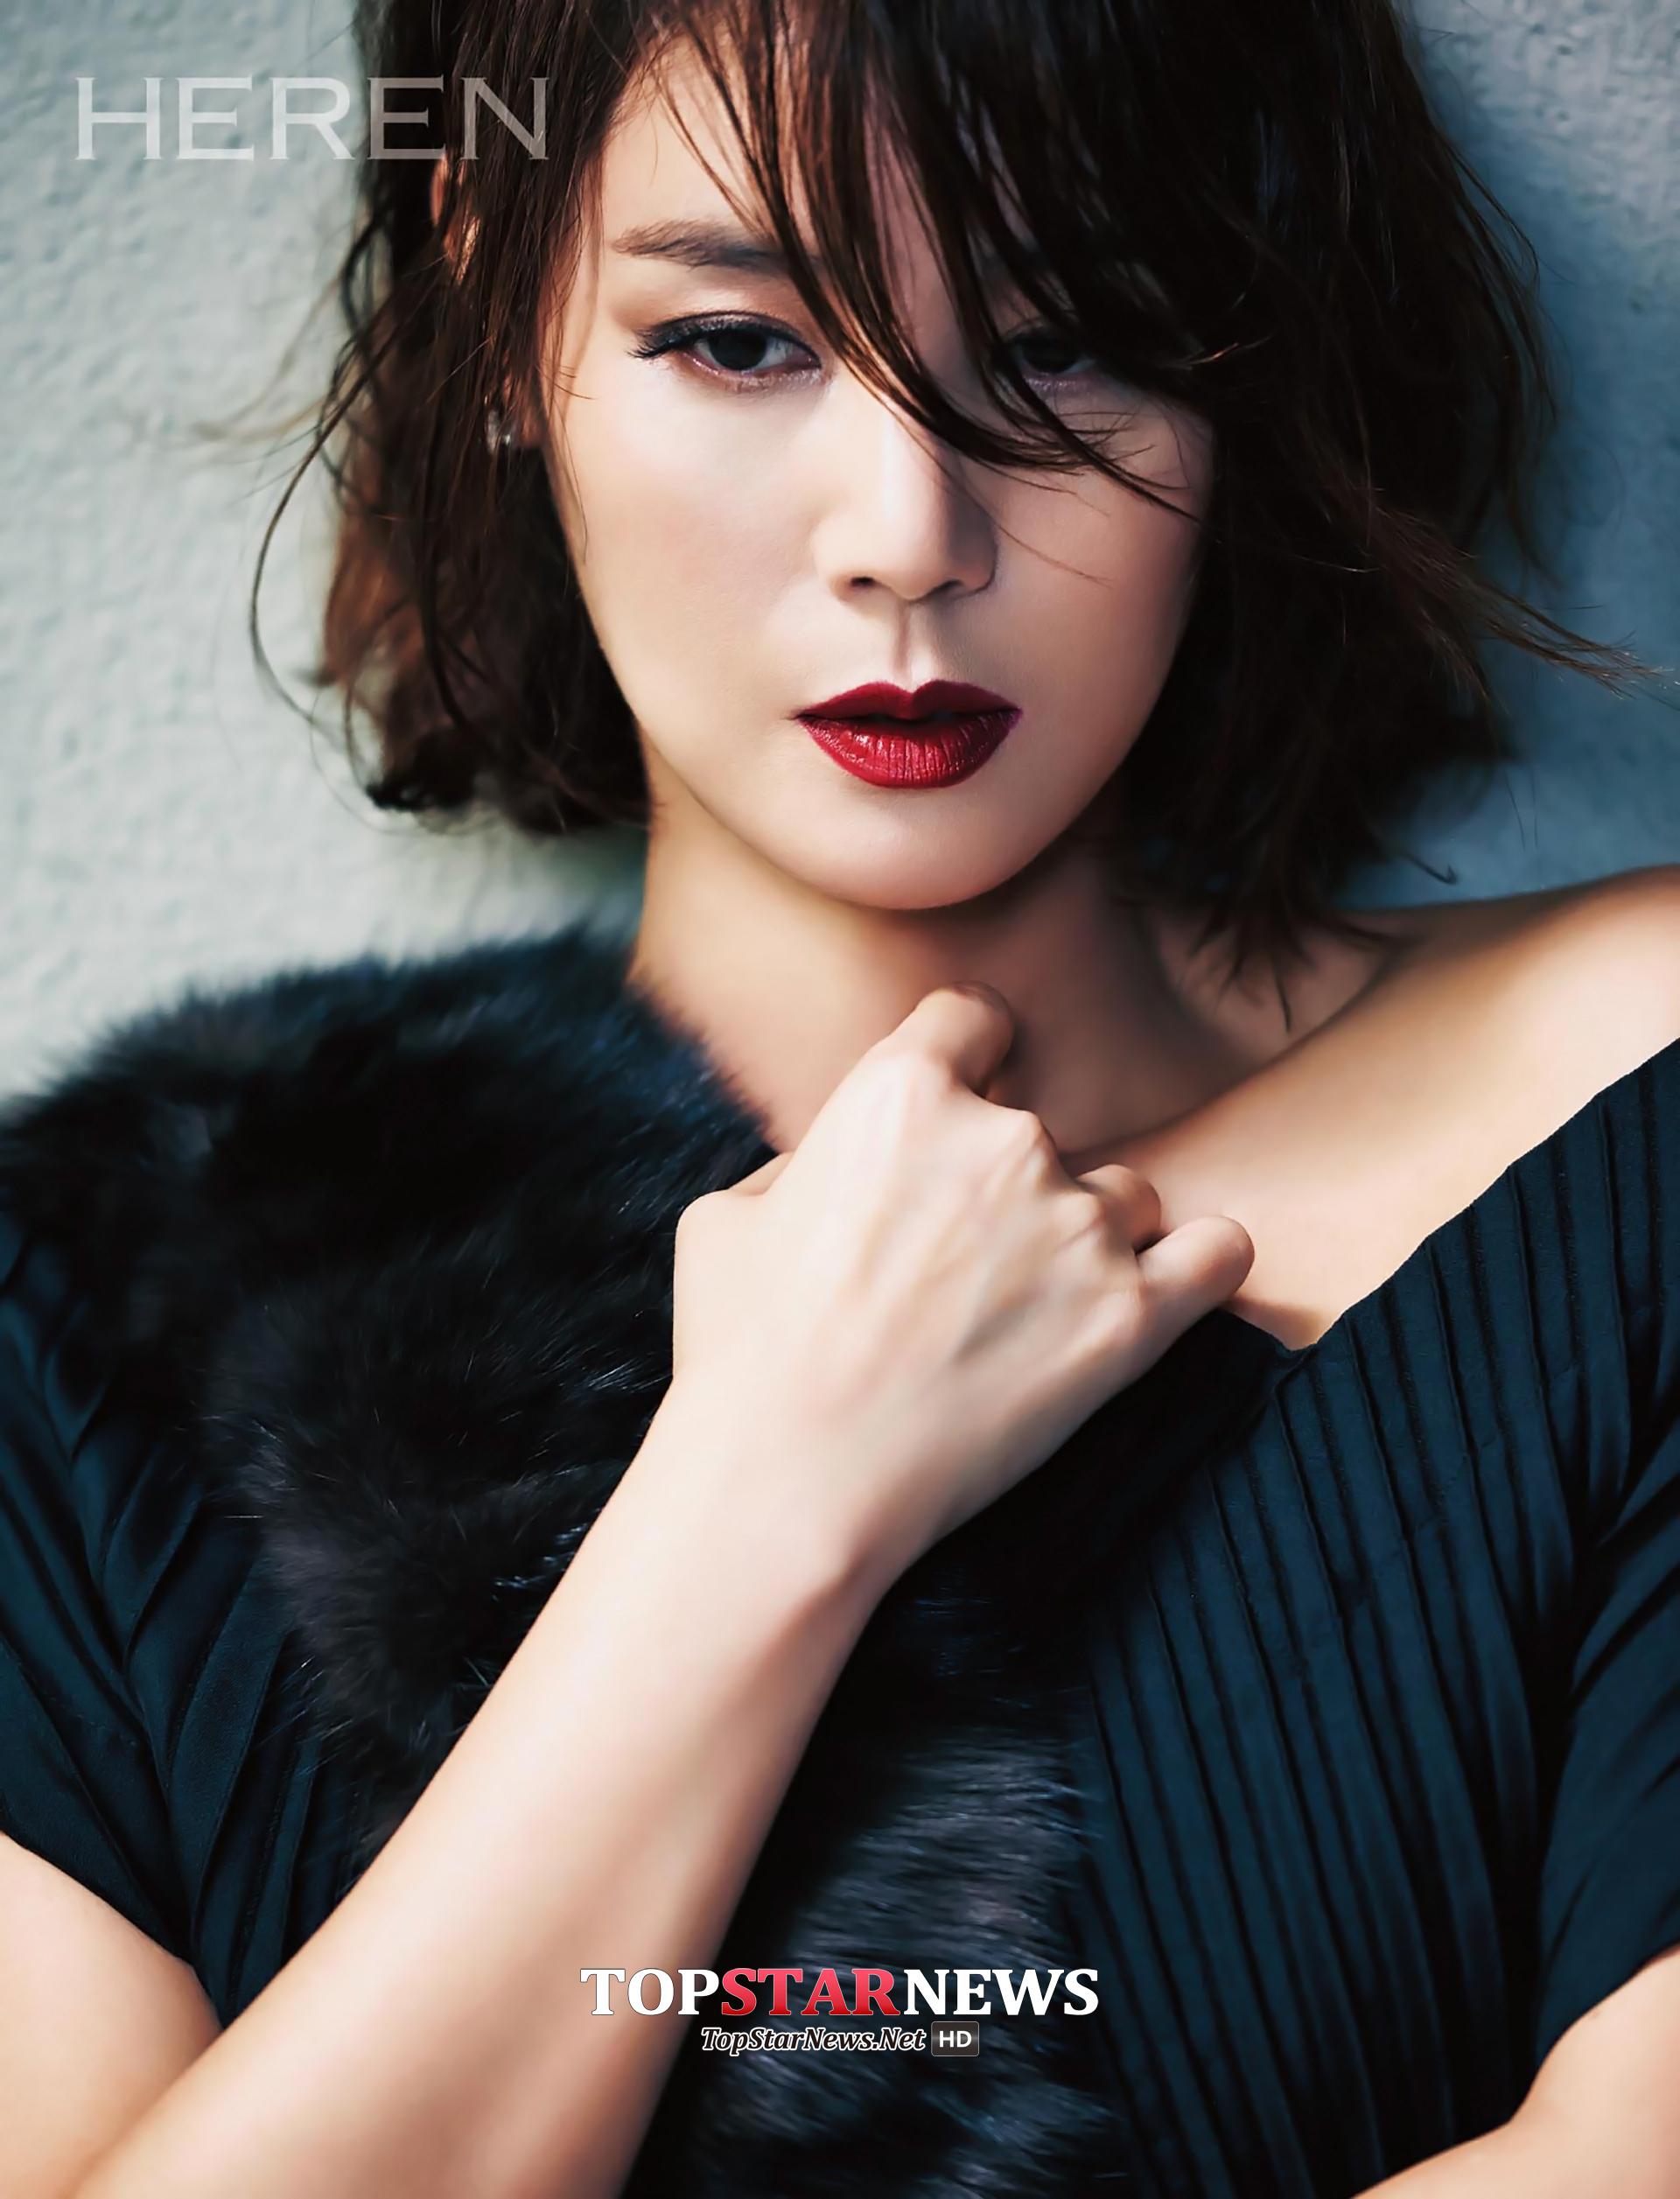 Mẹ Kim Tan Kim Sung Ryung: Cựu Hoa hậu Hàn có chồng đại gia và đứa con người Việt - Ảnh 4.